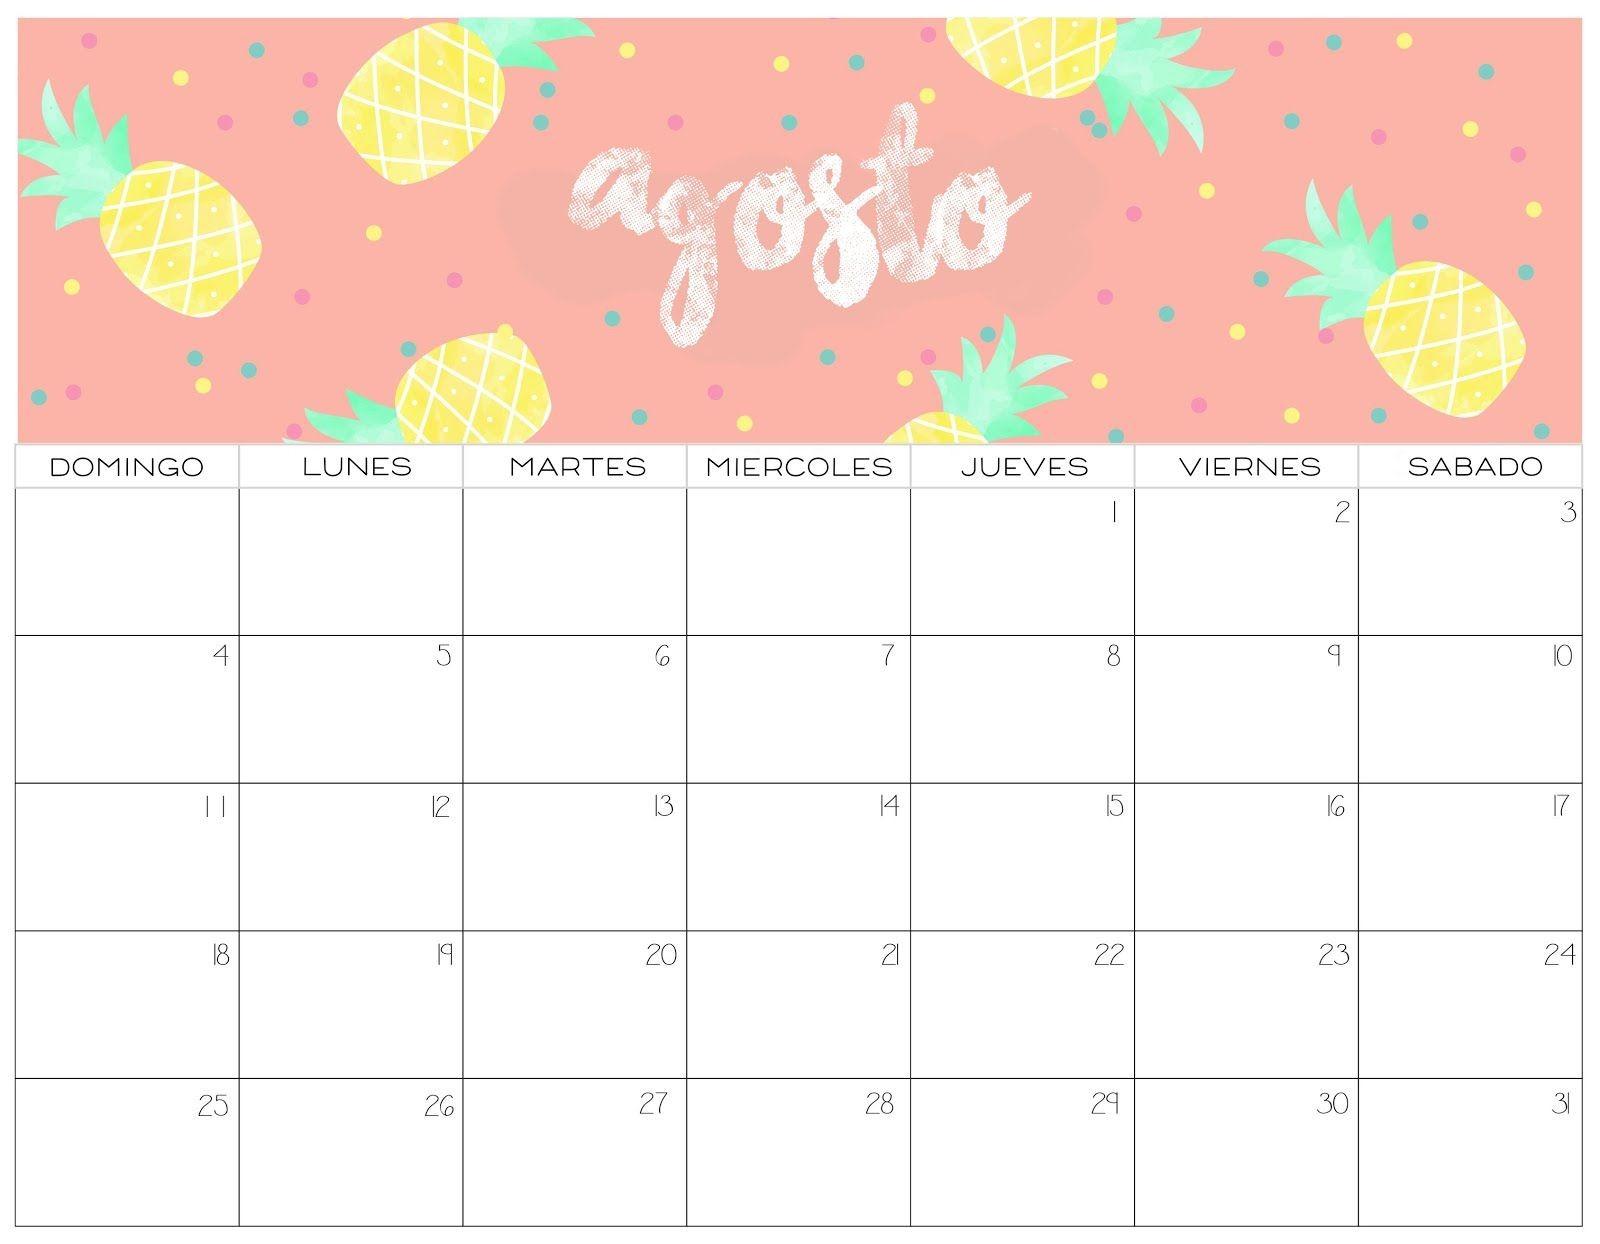 Calendario Mes Febrero 2017 Recientes Calendario 2019 Colorido 2 Estilos Meses Pinterest Of Calendario Mes Febrero 2017 Recientes Informacion Calendario 2019 Argentina Para Imprimir Febrero